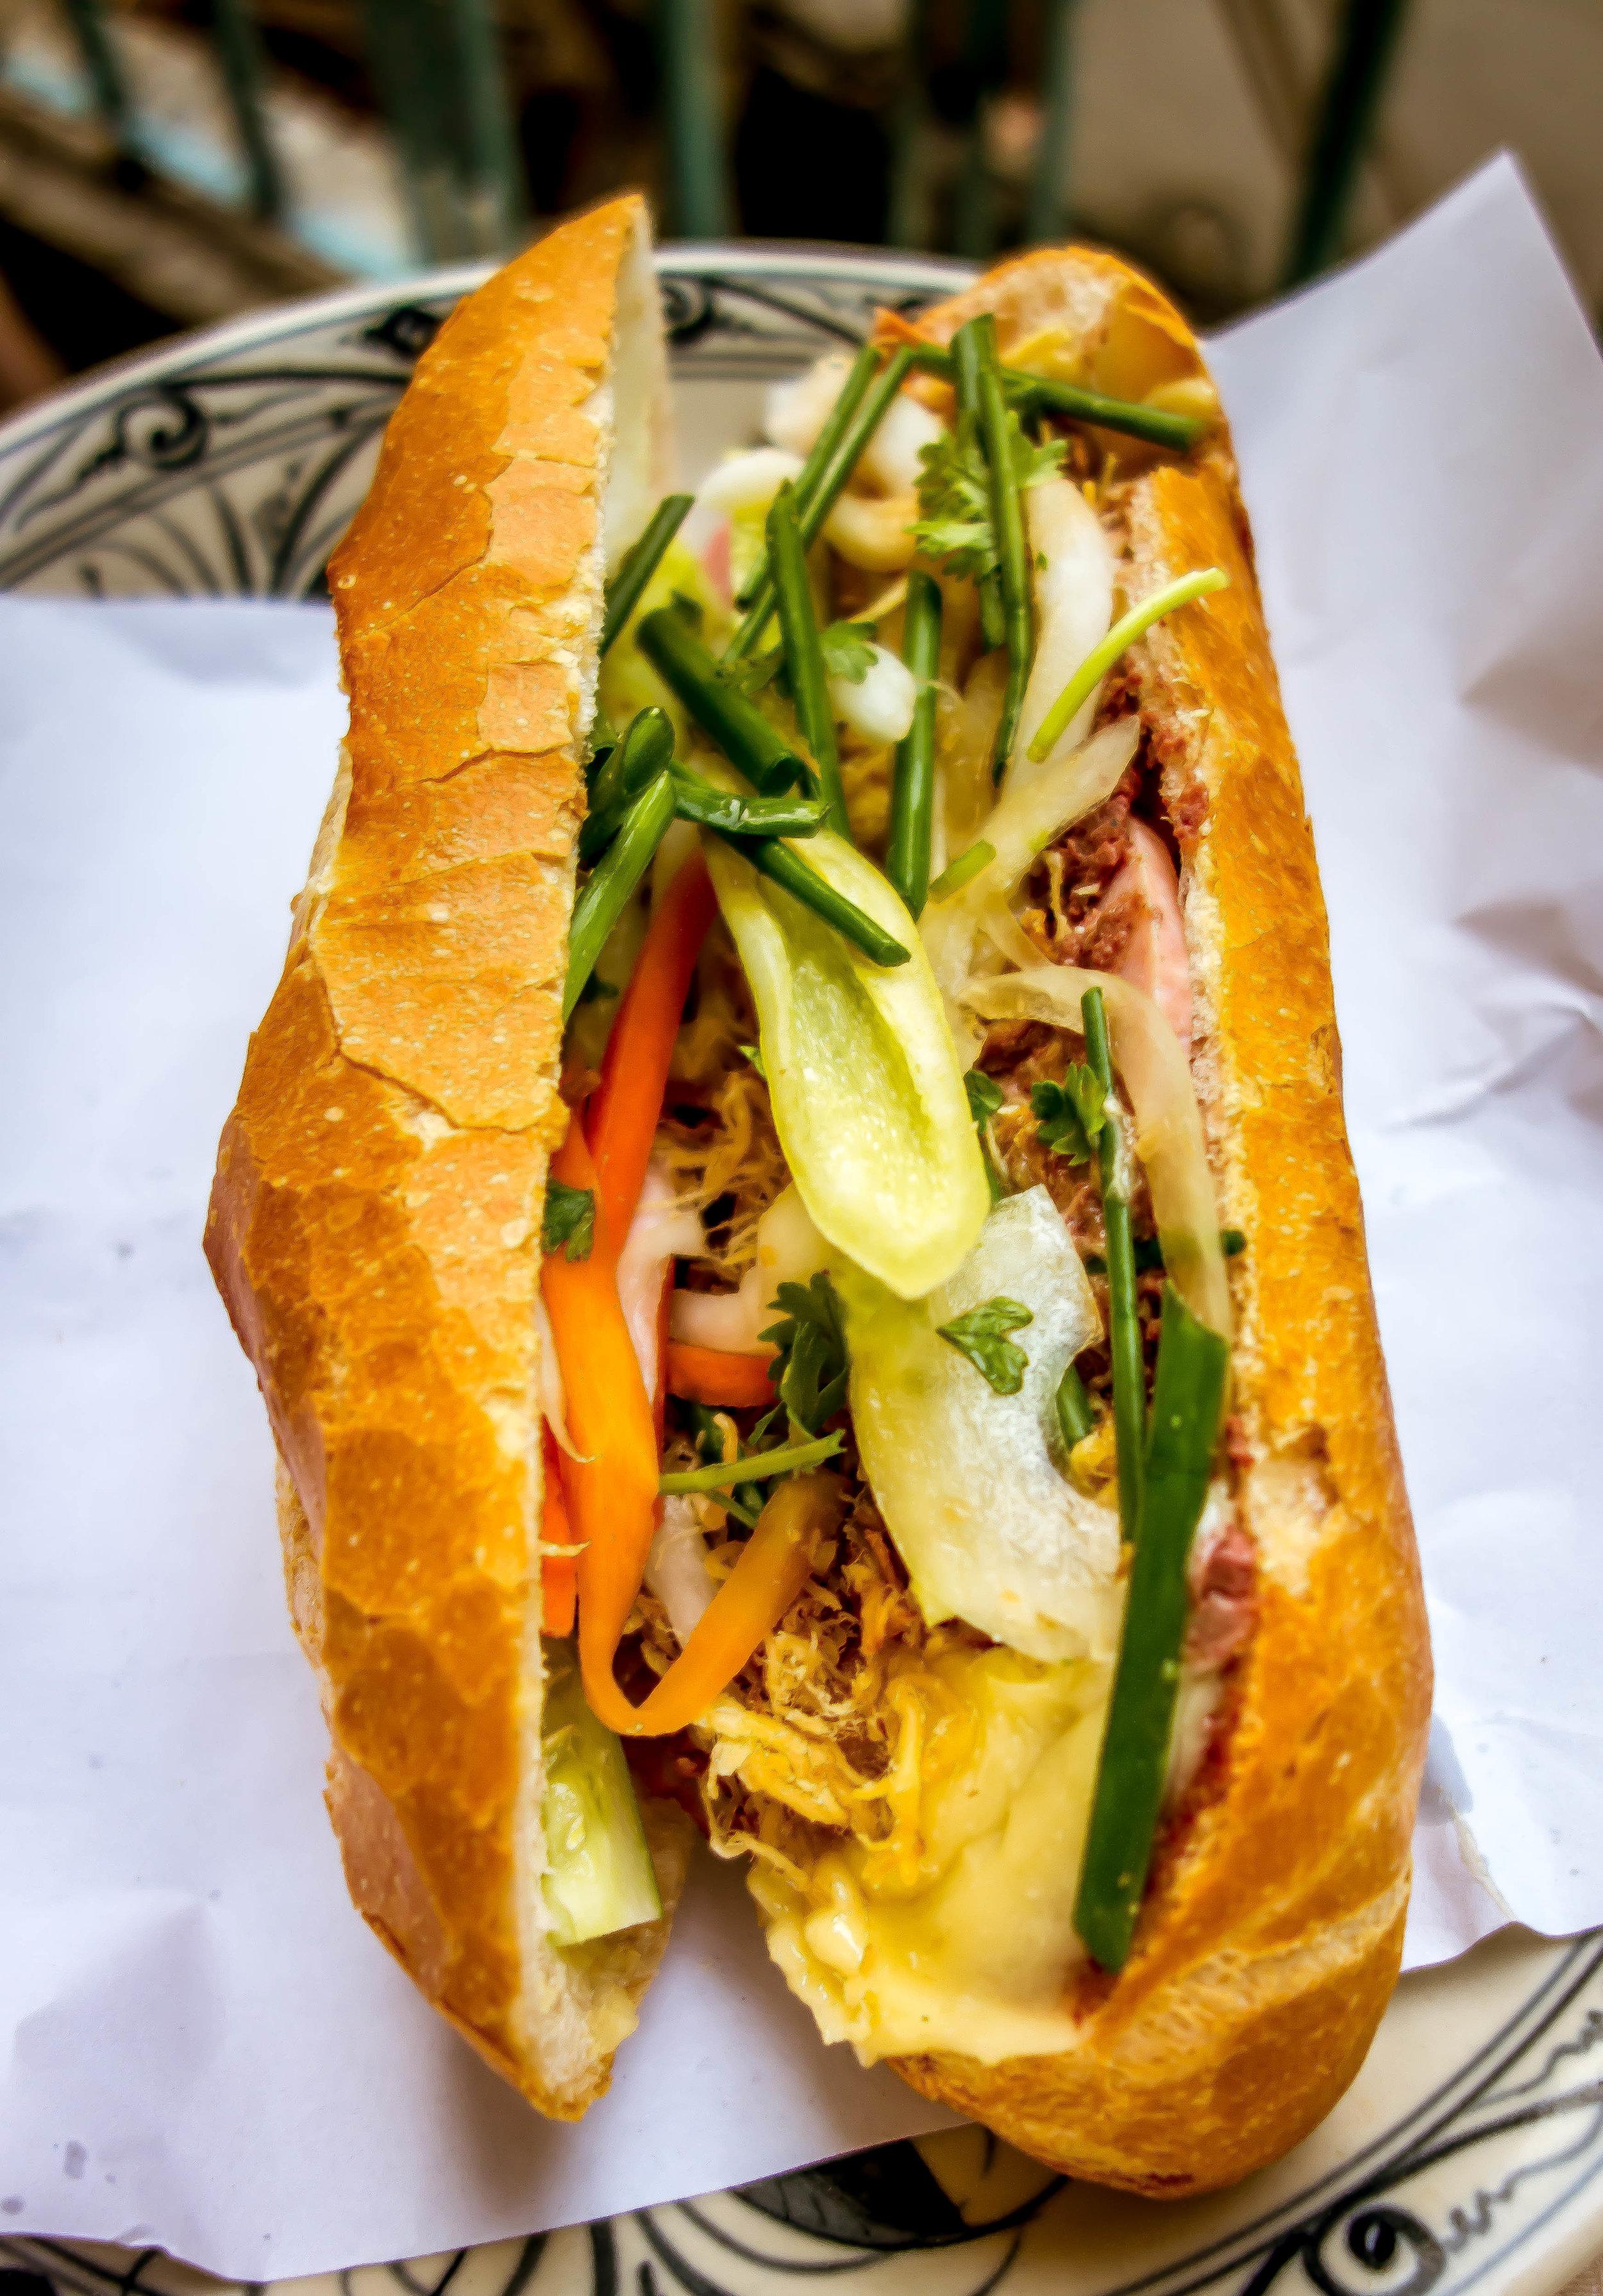 Banh mi from Ho Chi Minh City